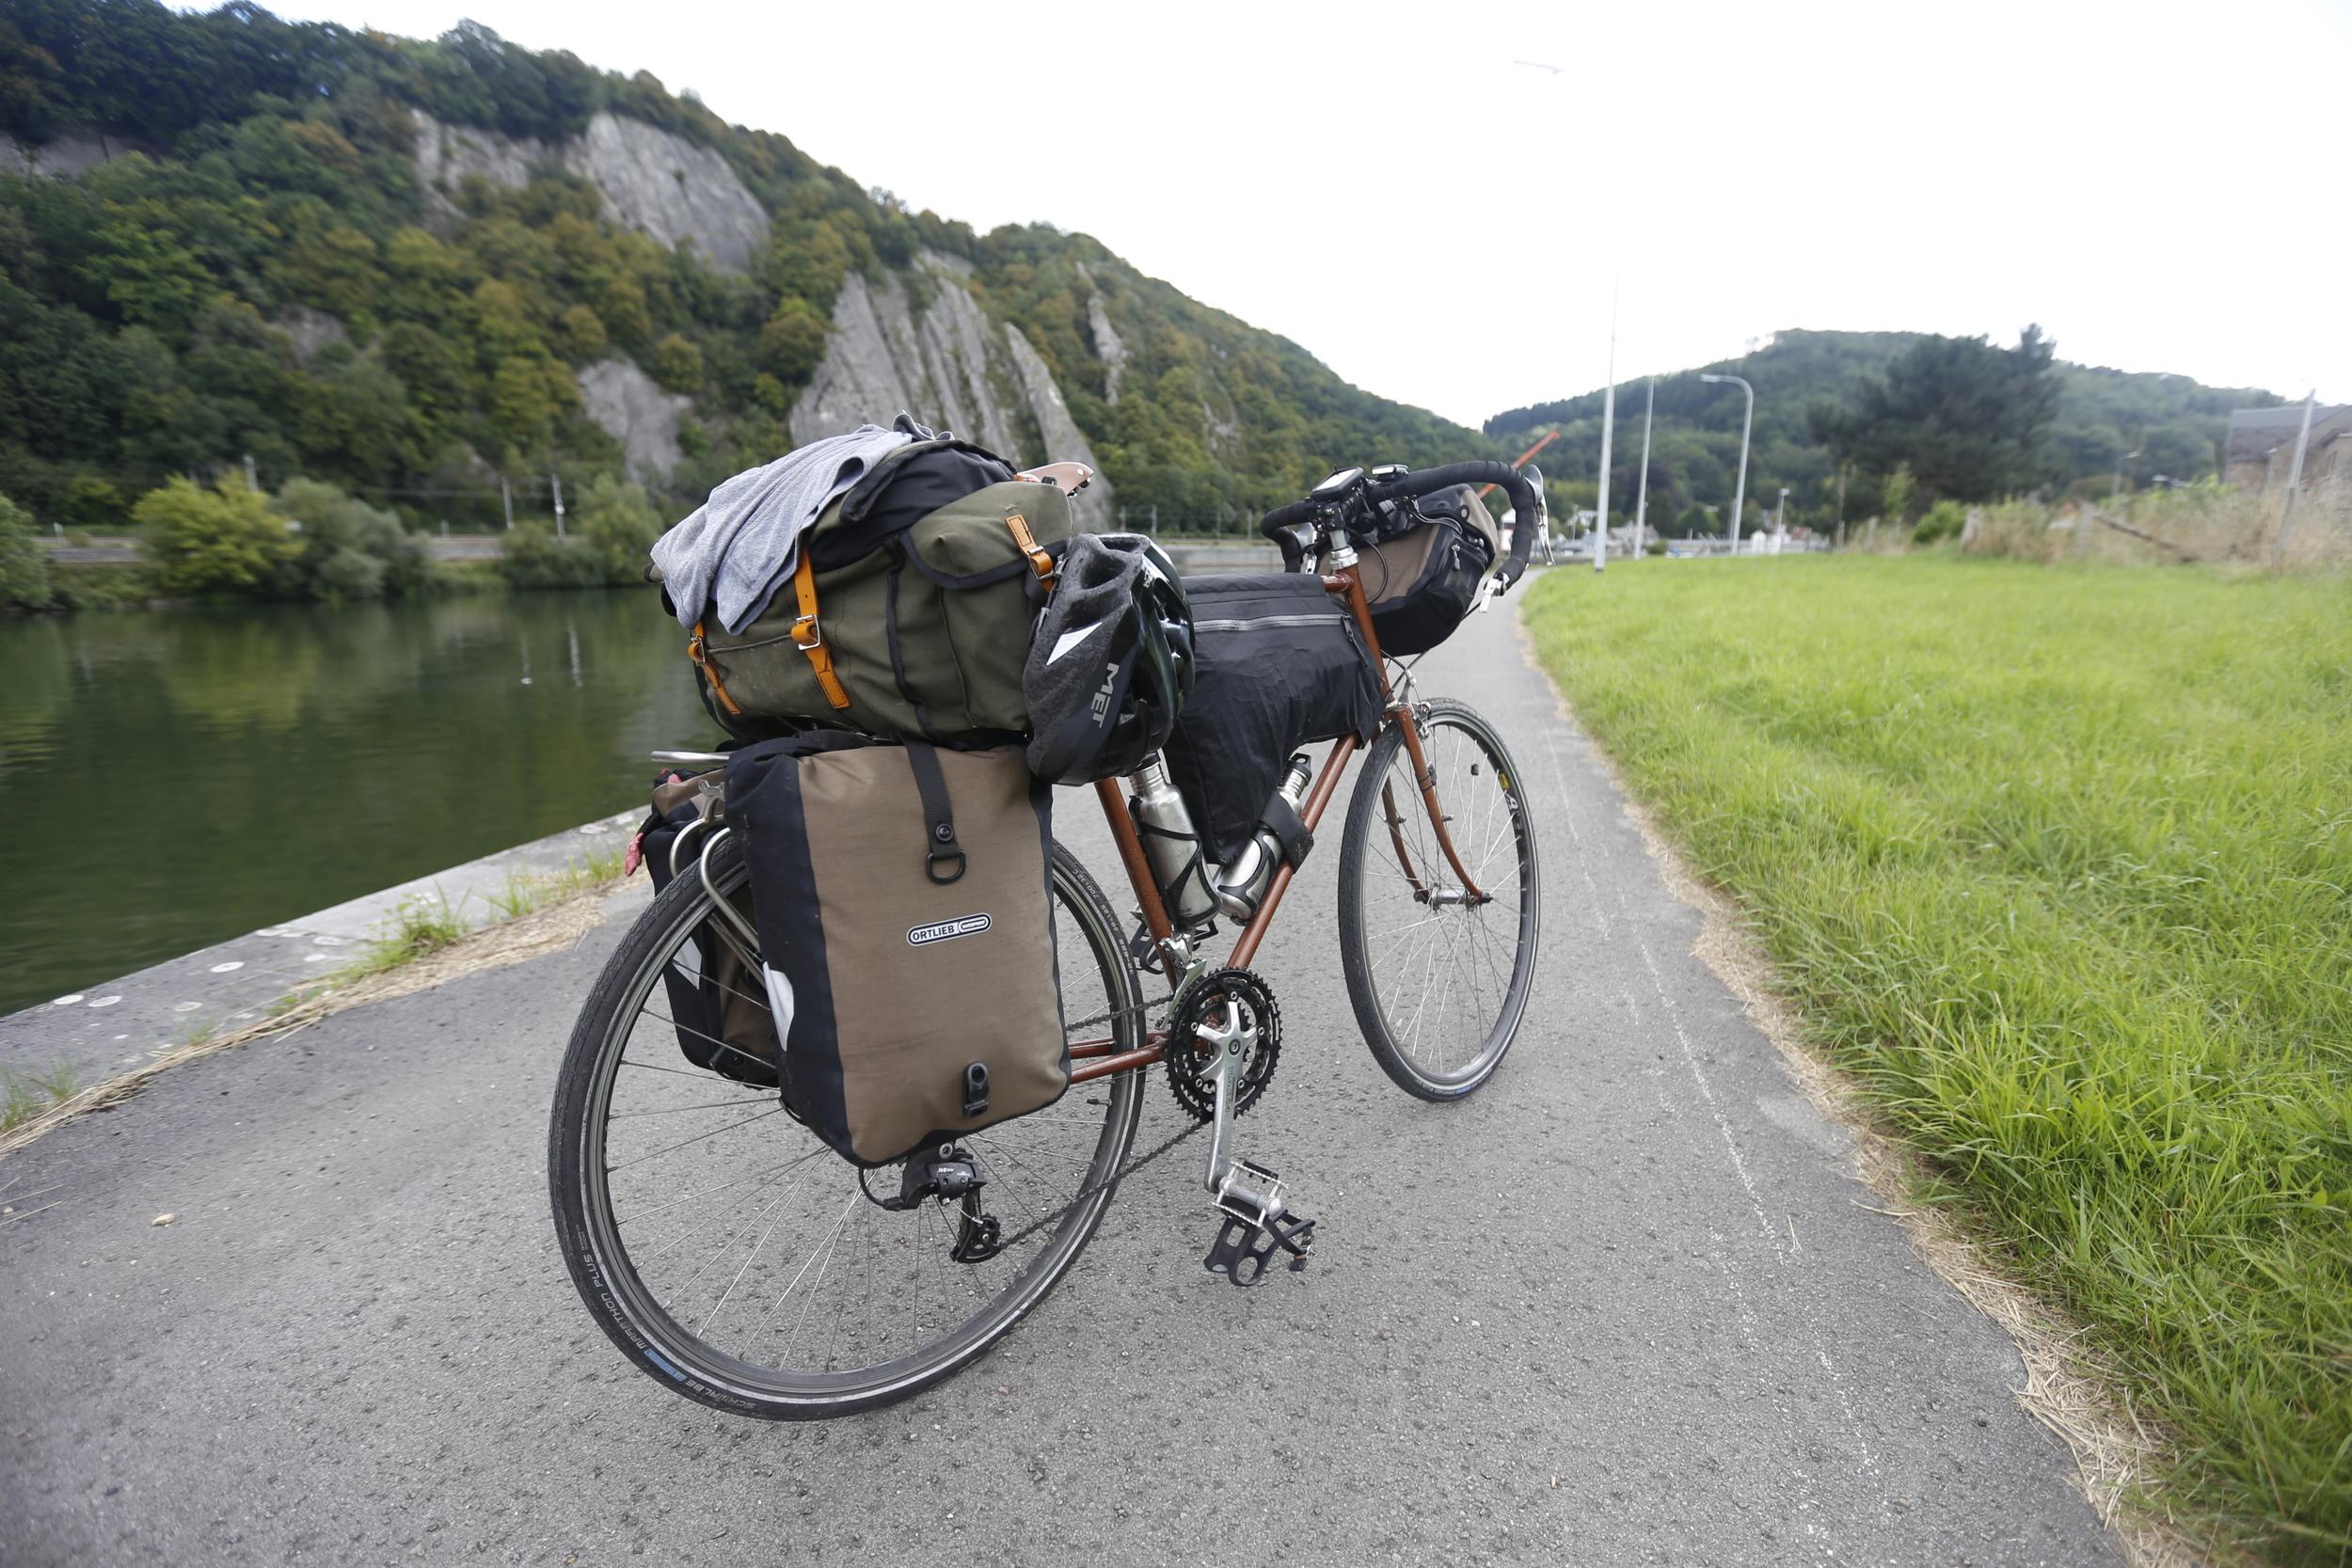 raleigh, raleigh bicycle, vintage raleigh, raleigh tourer, touring bike, raleigh touring bike, custom bike, custom touring bike, bikepacking, bikepacking bike, bikepacking blog, cycling blog, cycle touring blog, bikepacking website, mavic, ortlieb, wildcat, wildcat gear